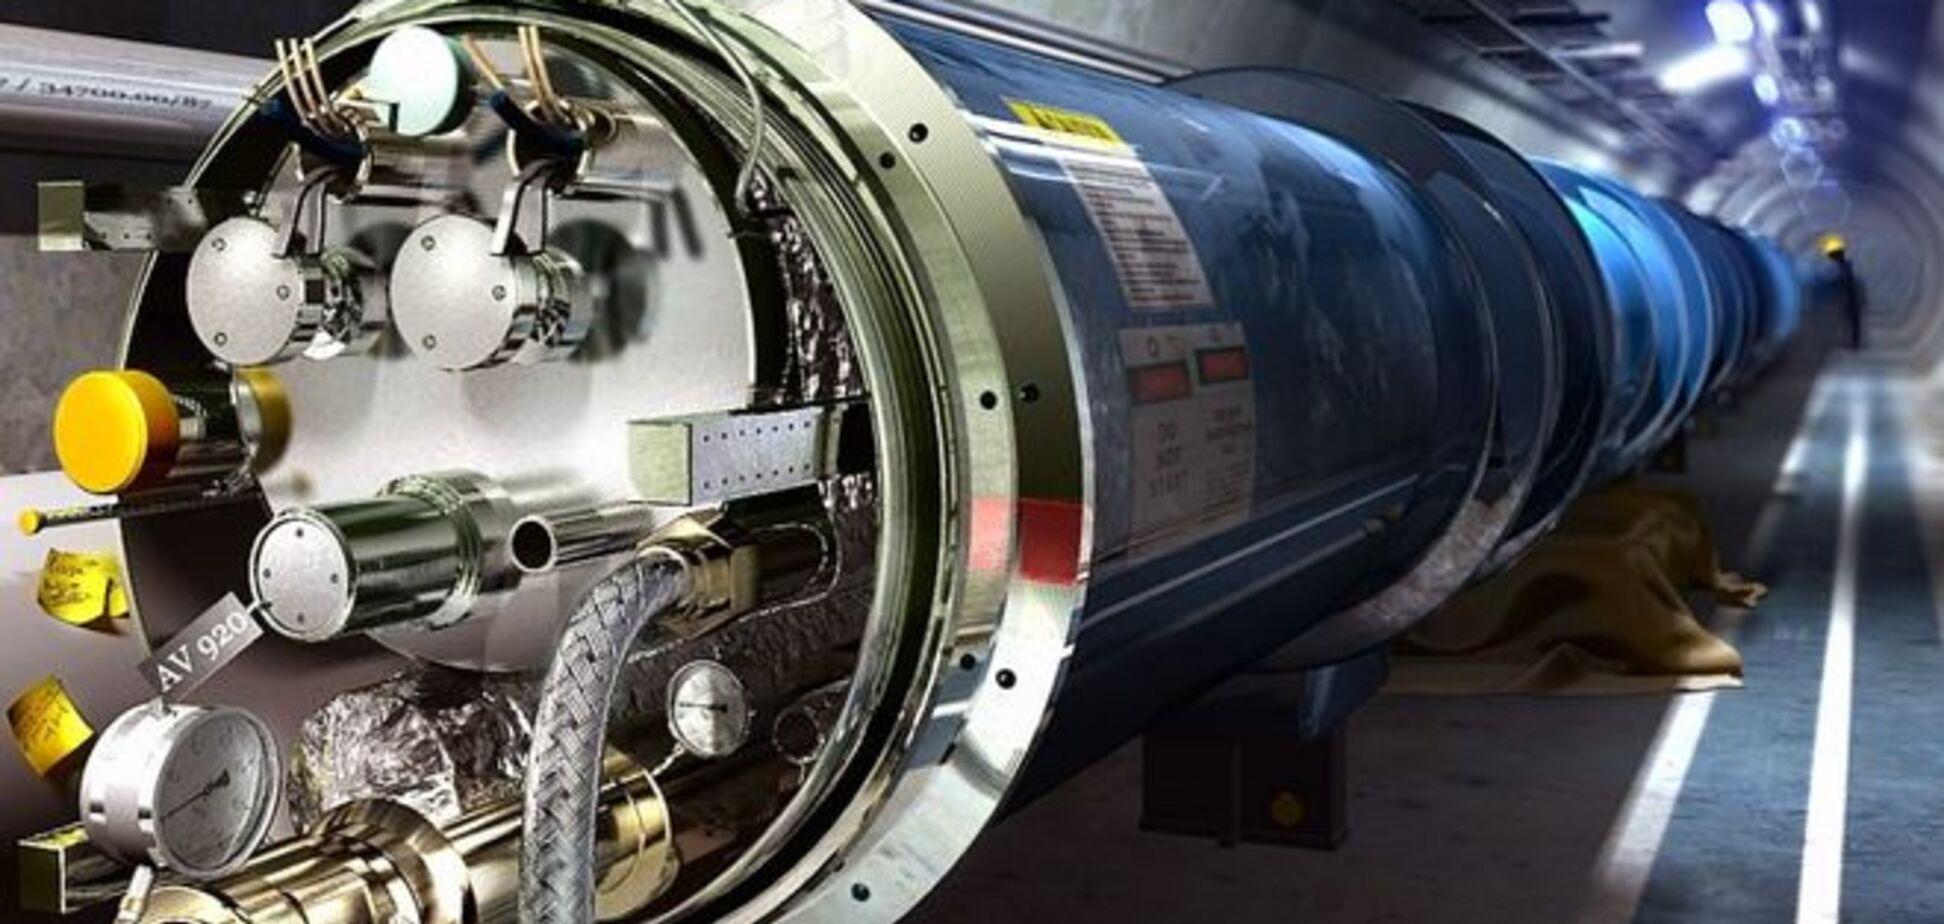 Ученые ЦЕРН нашли в адронном коллайдере 'дьявольские' частицы